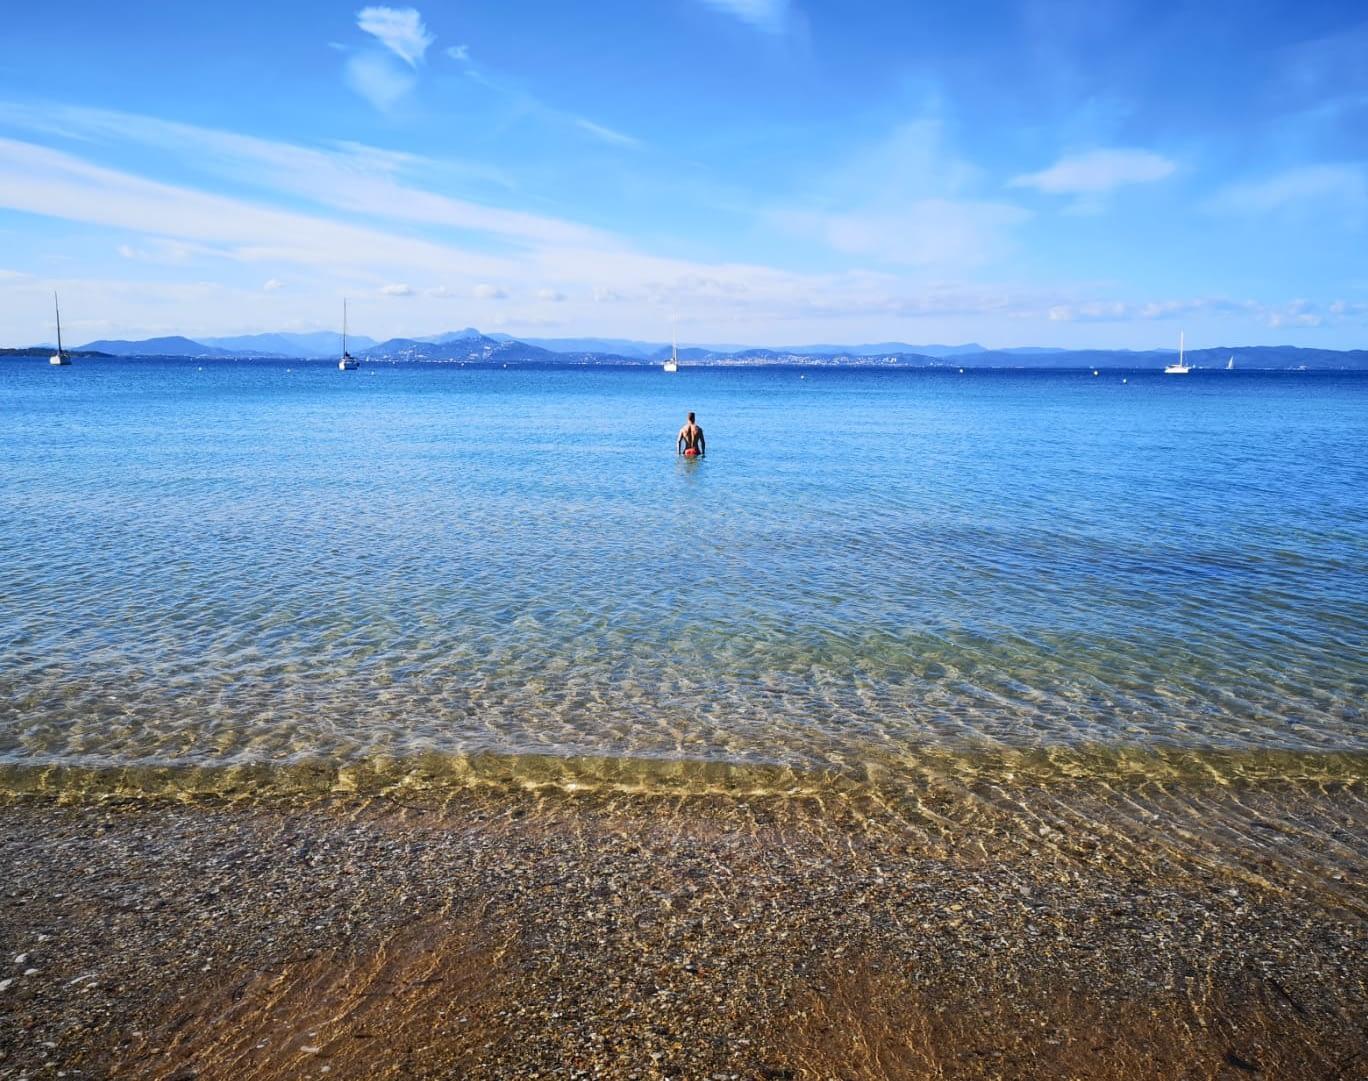 De la journée au séjour sur l'île de Porquerolles : Guide pratique